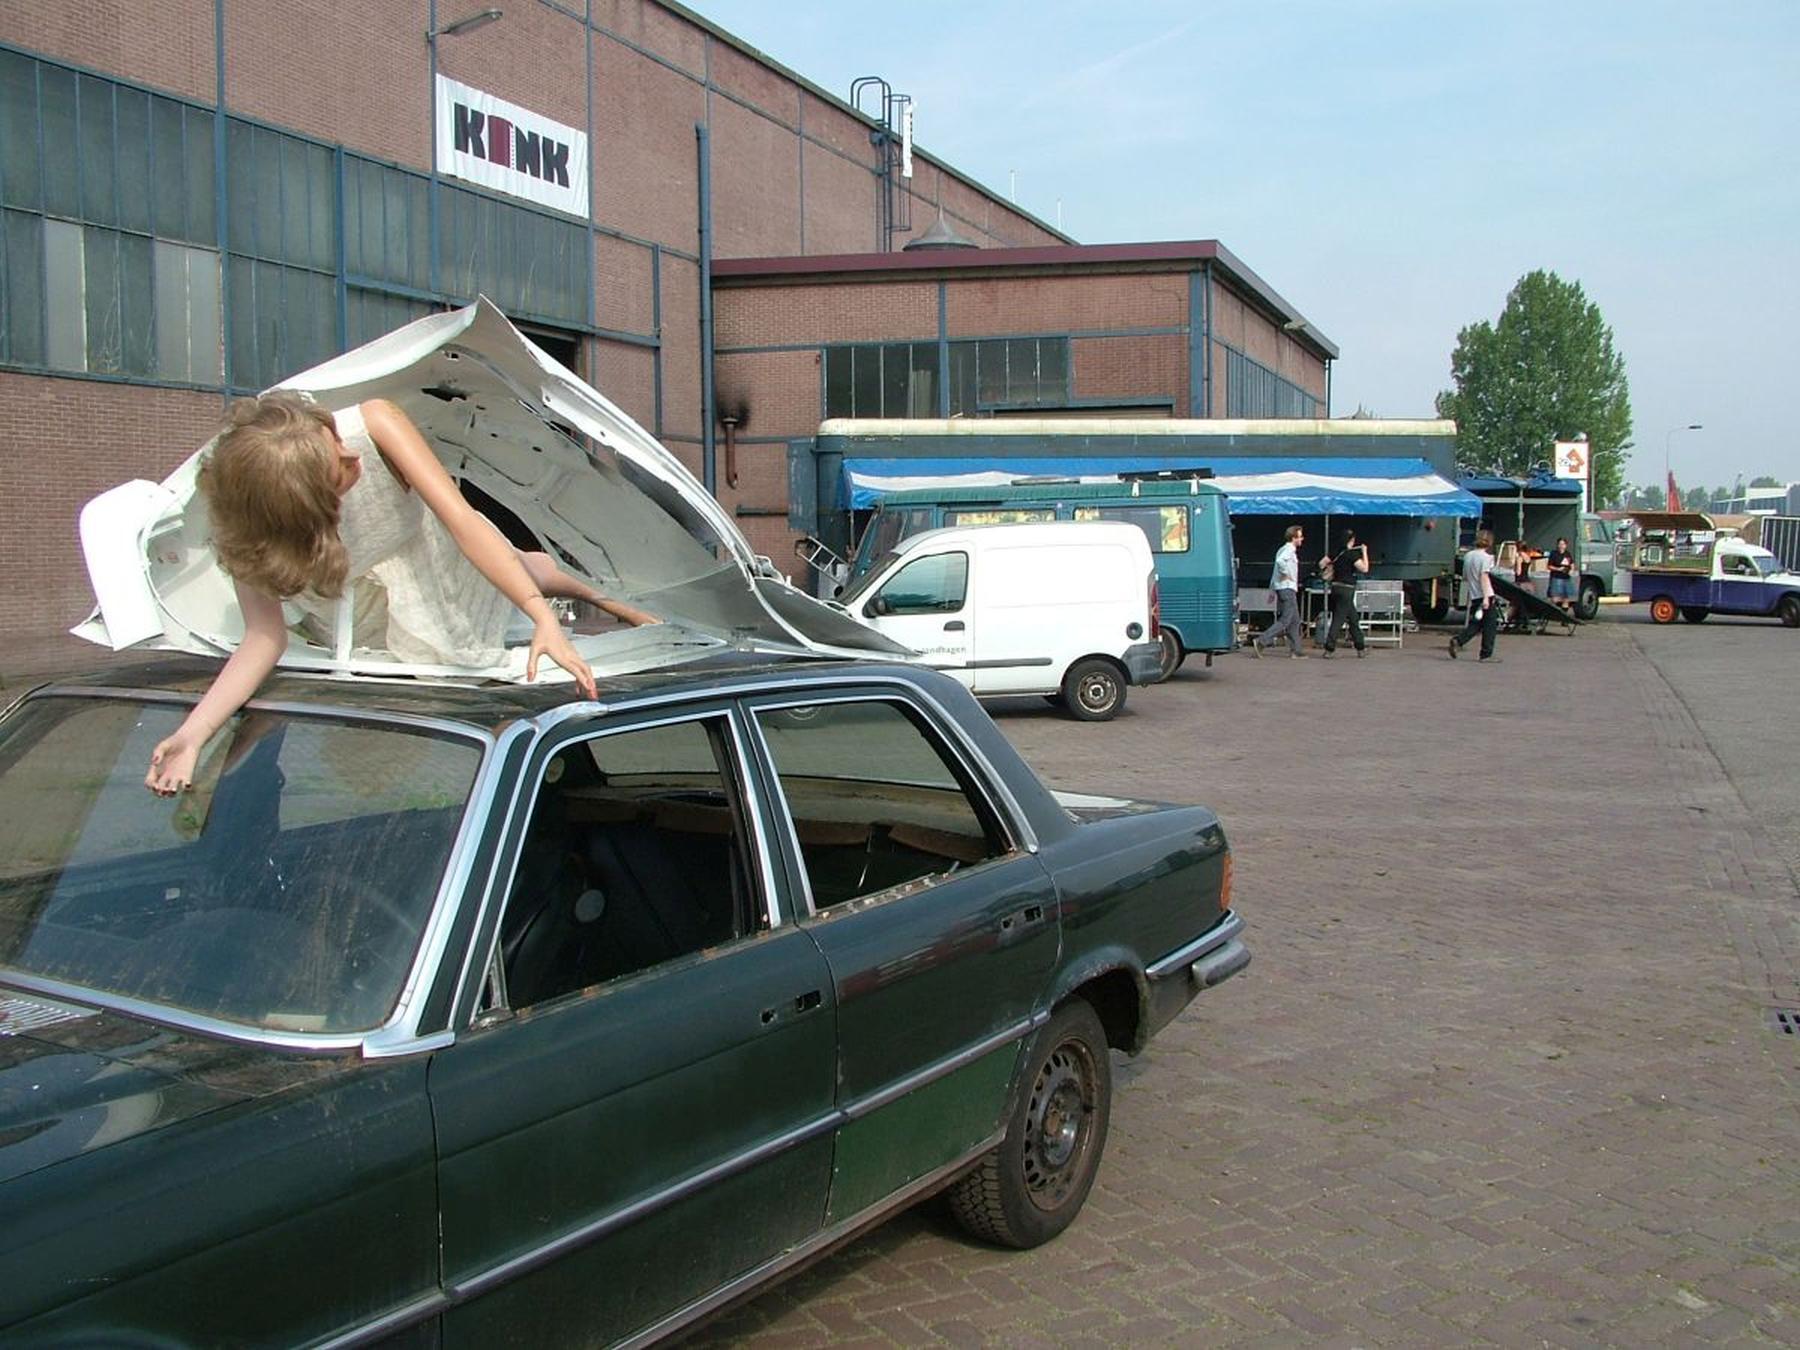 Opbouw van CAR ART op het terrein van de voormalige NKF waar het een uitdaging was het terrein vrij te krijgen van vrachtwagens.